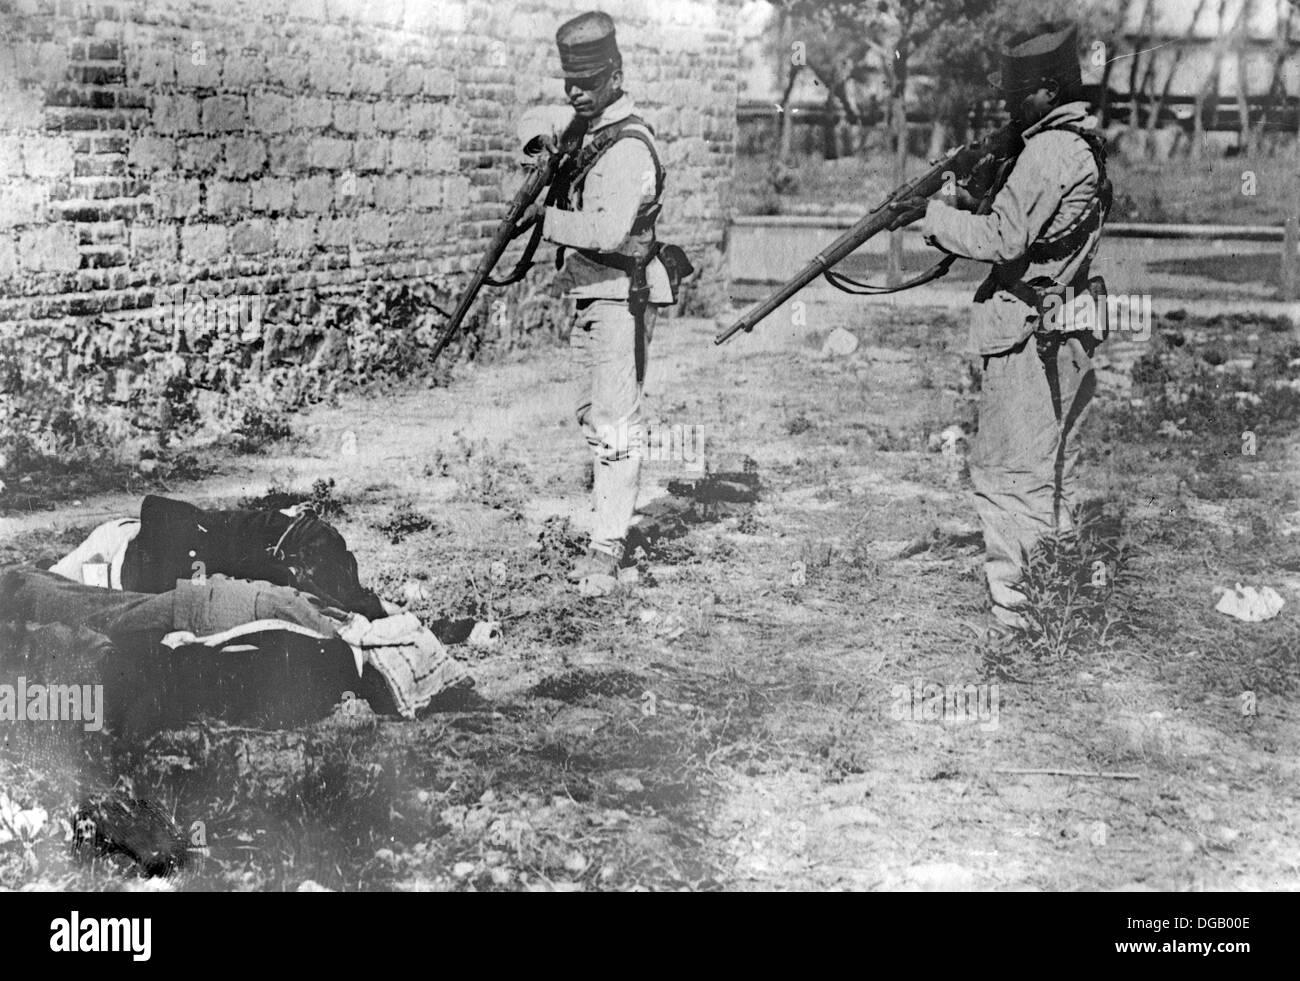 Esecuzione politico, Messico durante la rivoluzione messicana. Immagini Stock